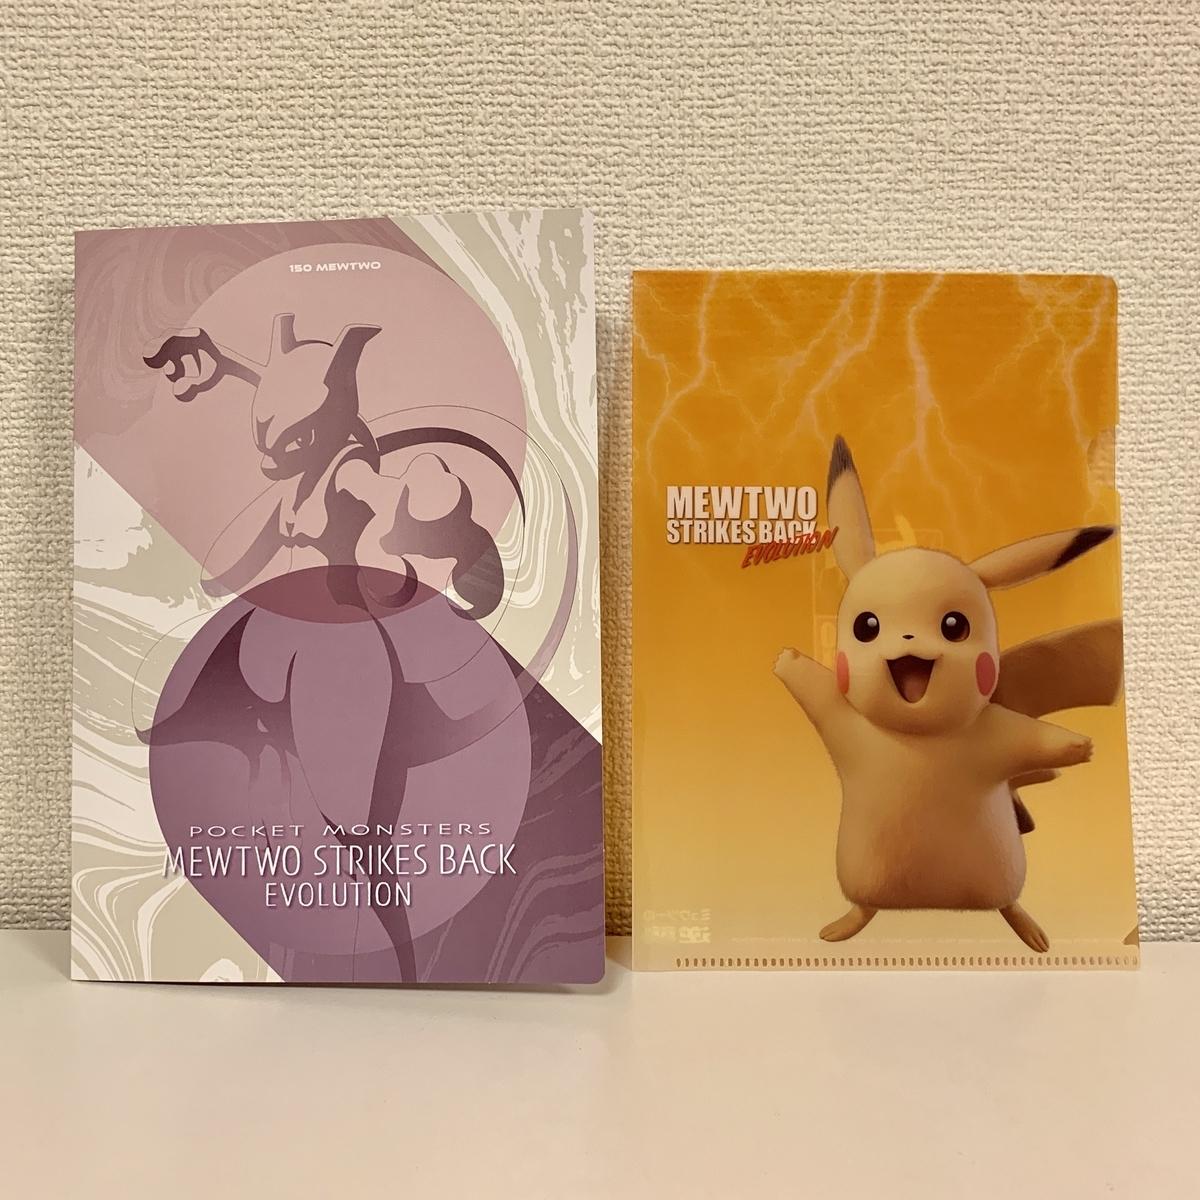 f:id:pikachu_pcn:20190722221623j:plain